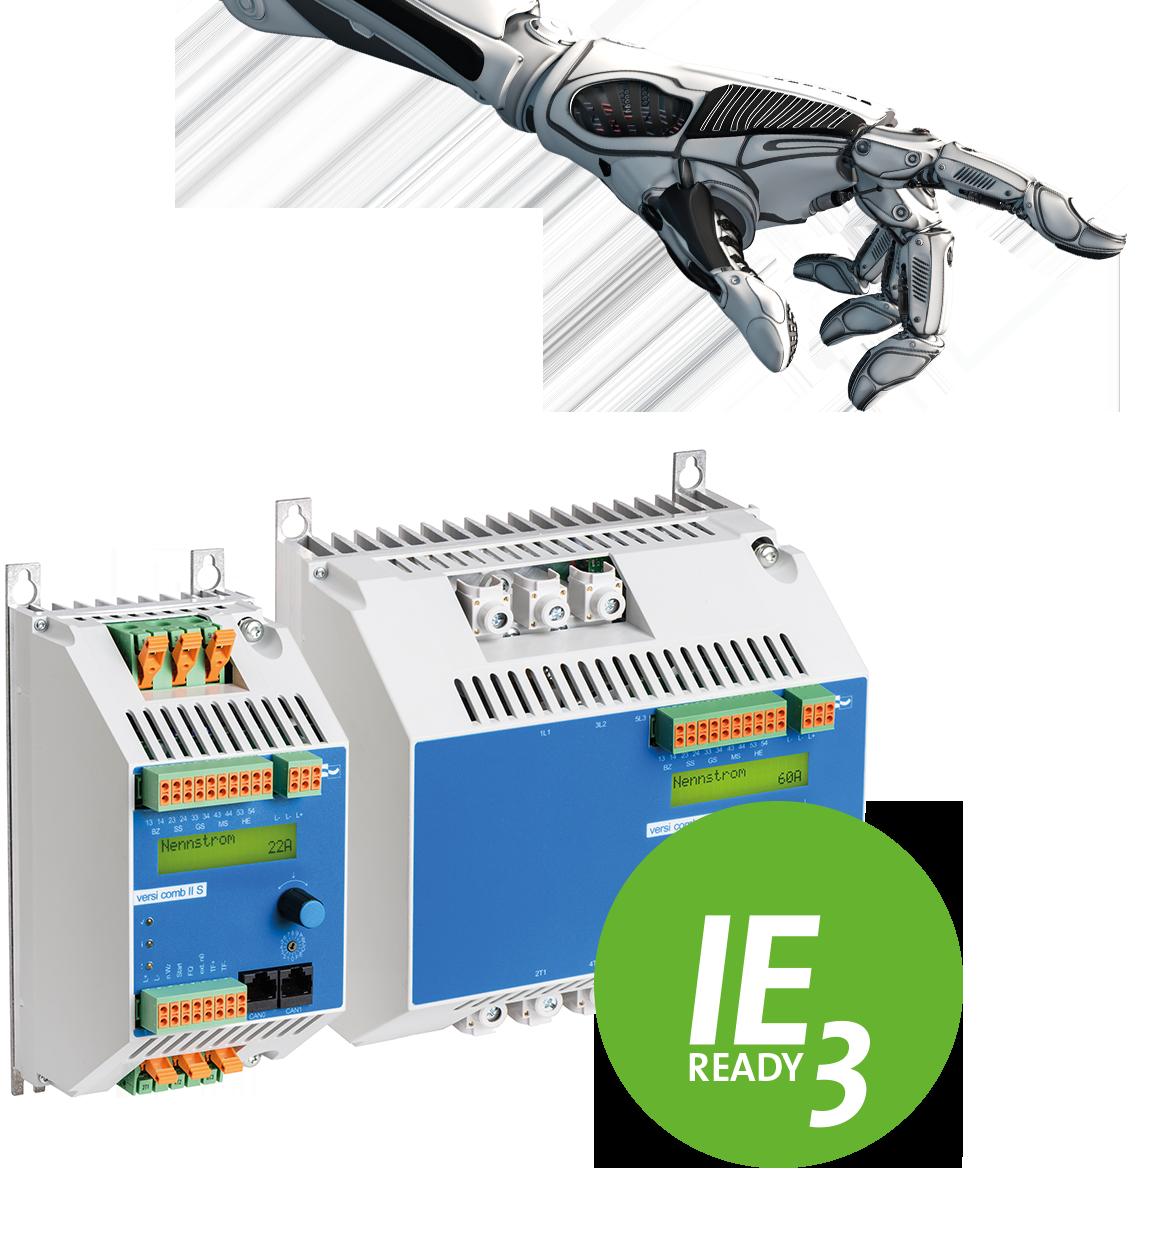 VersiComb II Safe kombiniert Sanftanlauf mit elektronischem Gleichstrom-Bremsgerät für Holzbearbeitungsmaschinen und weitere Anwendungen